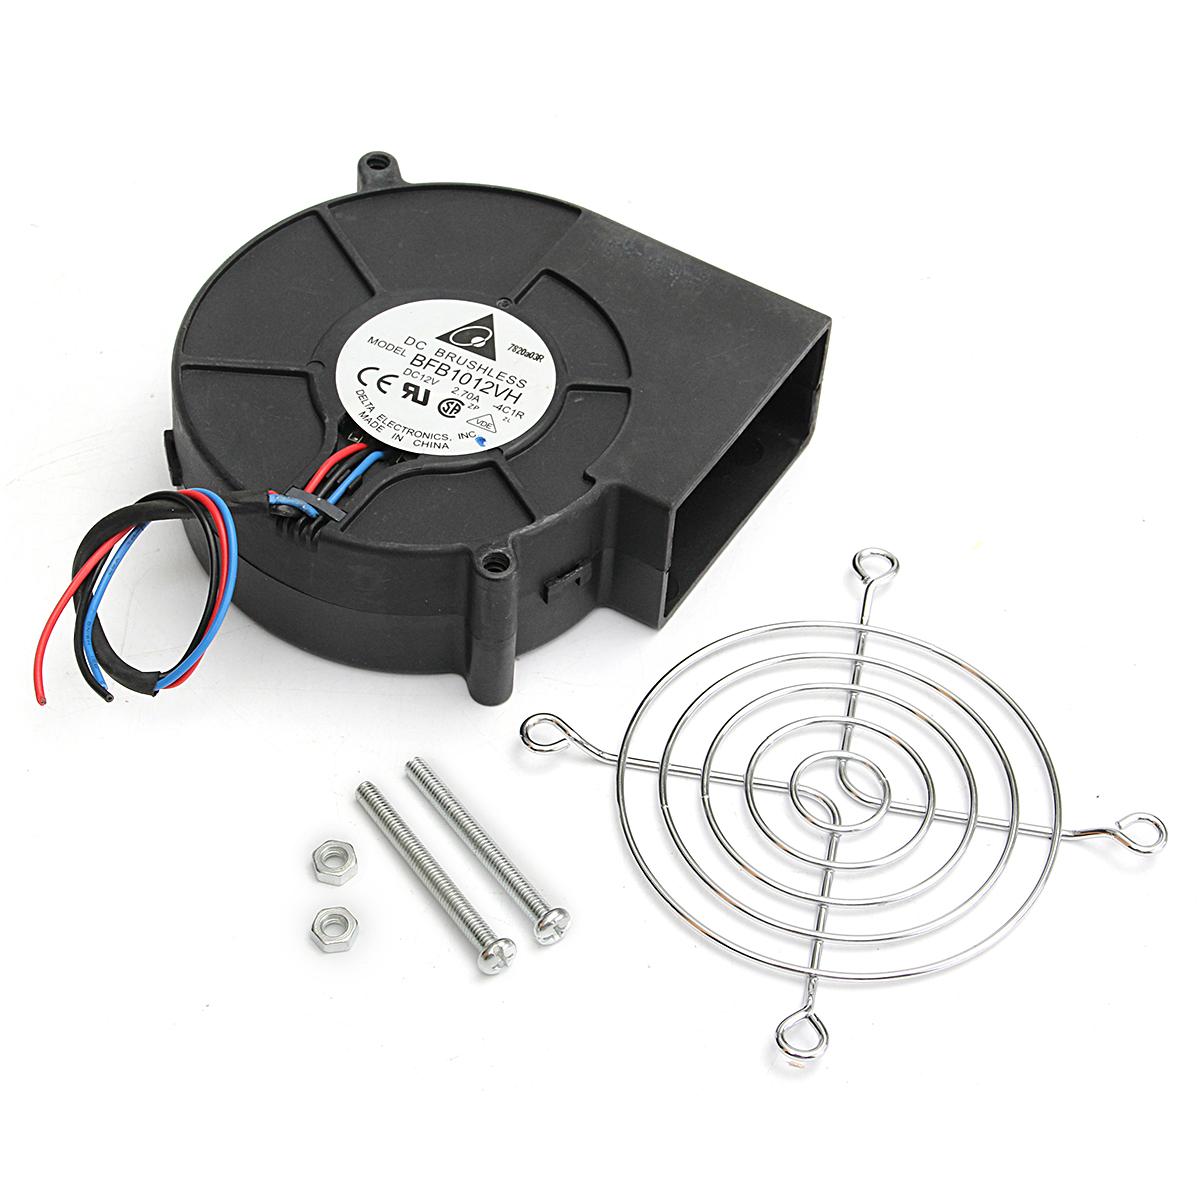 Воздуходувка Барбекю Приготовление Охлаждающий вентилятор Вентилятор вентилятора для печки для барбекю